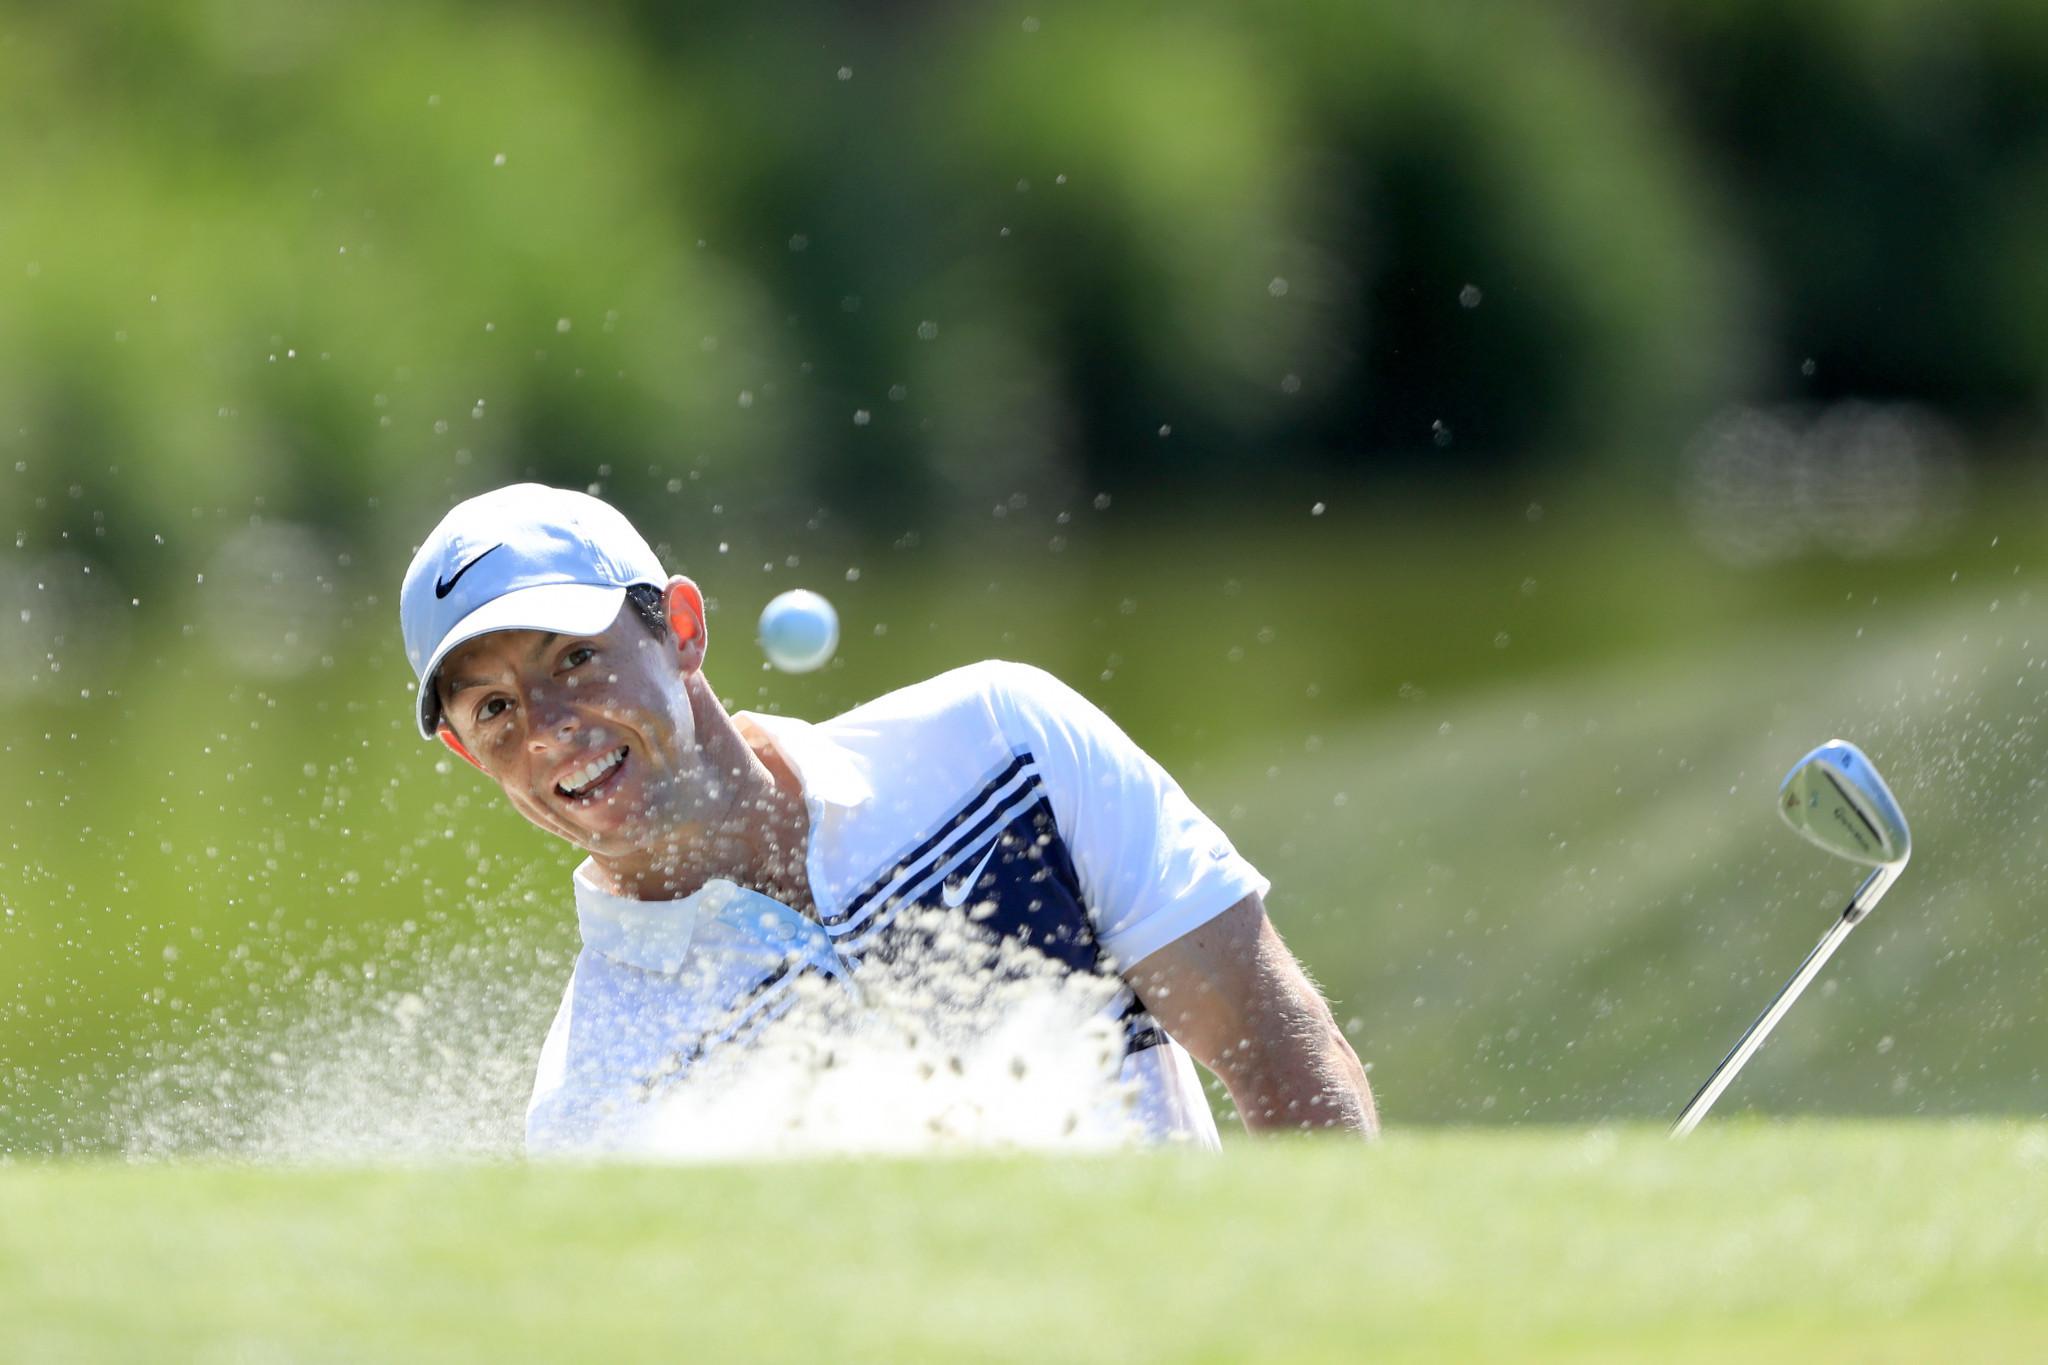 Golf world rankings frozen as coronavirus stops play